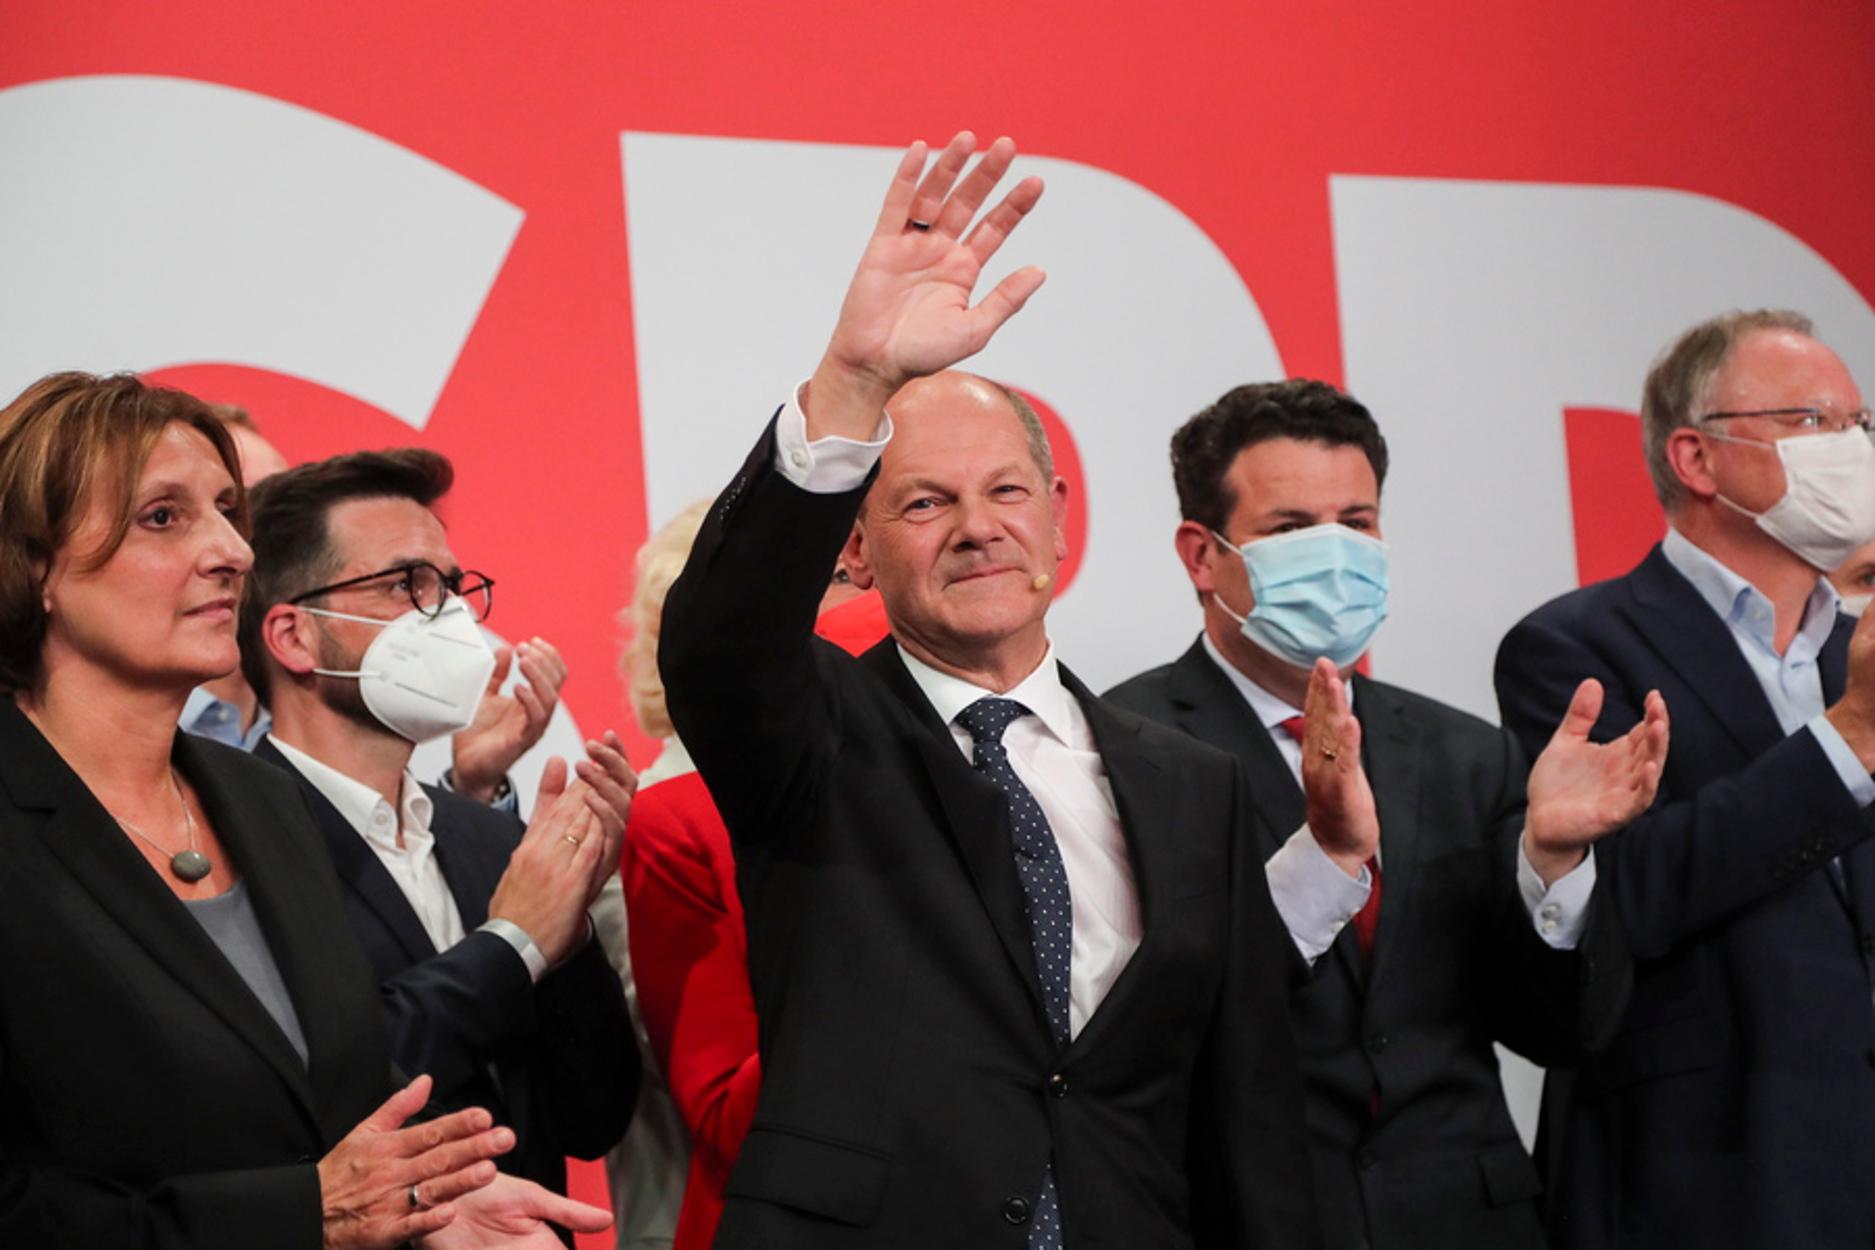 Γερμανικές εκλογές: Ο Όλαφ Σολτς κερδίζει την κούρσα διαδοχής της Μέρκελ